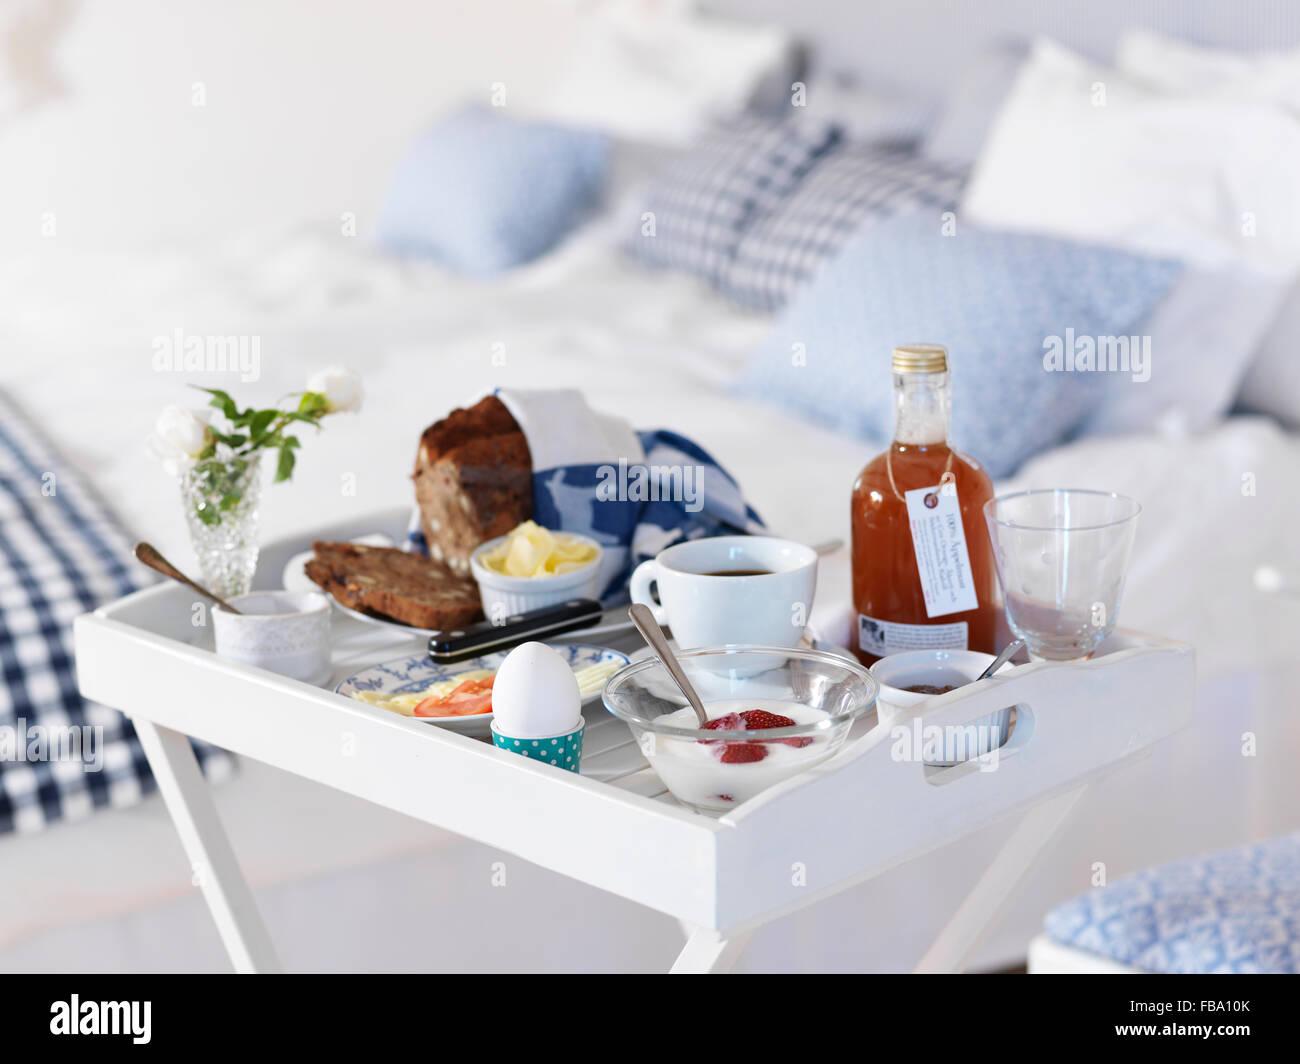 Tavoli Per Colazione A Letto : La svezia tavolo per la colazione in camera da letto foto